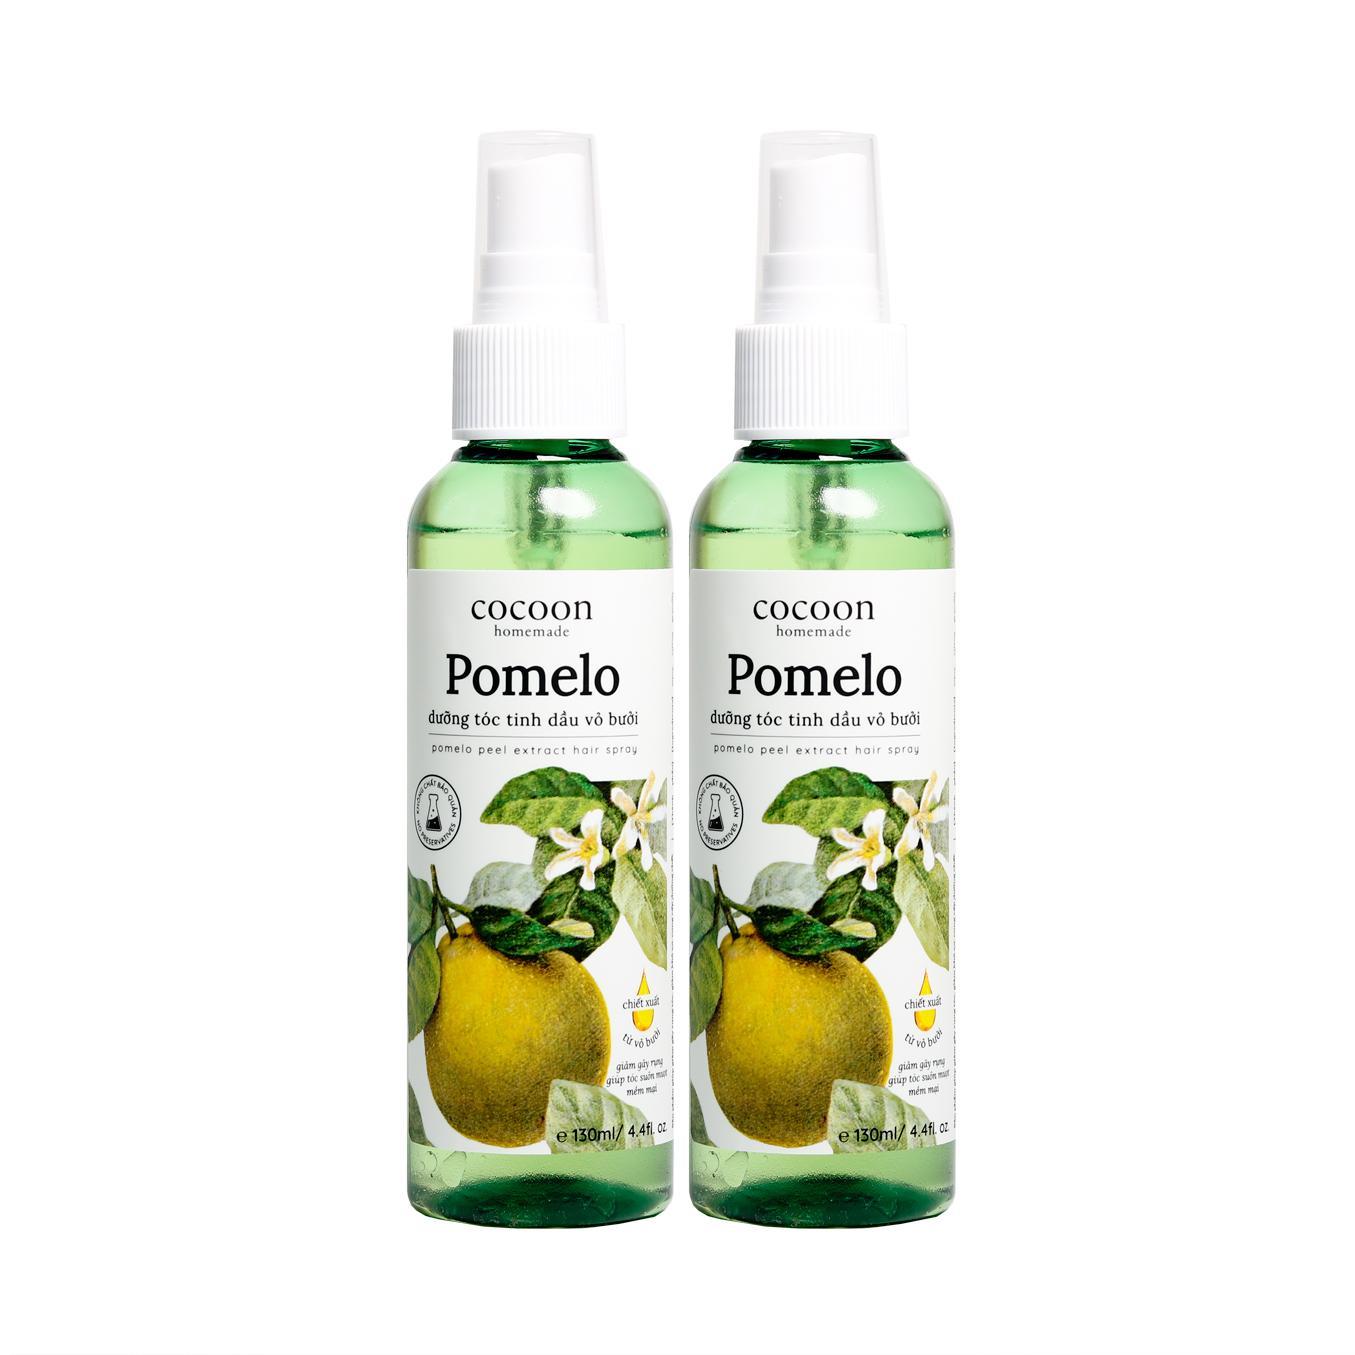 Liệu Trình 1 Tháng Dùng 2 chai xịt tóc Pomelo Dưỡng Tóc Tinh Dầu Vỏ Bưởi nhập khẩu